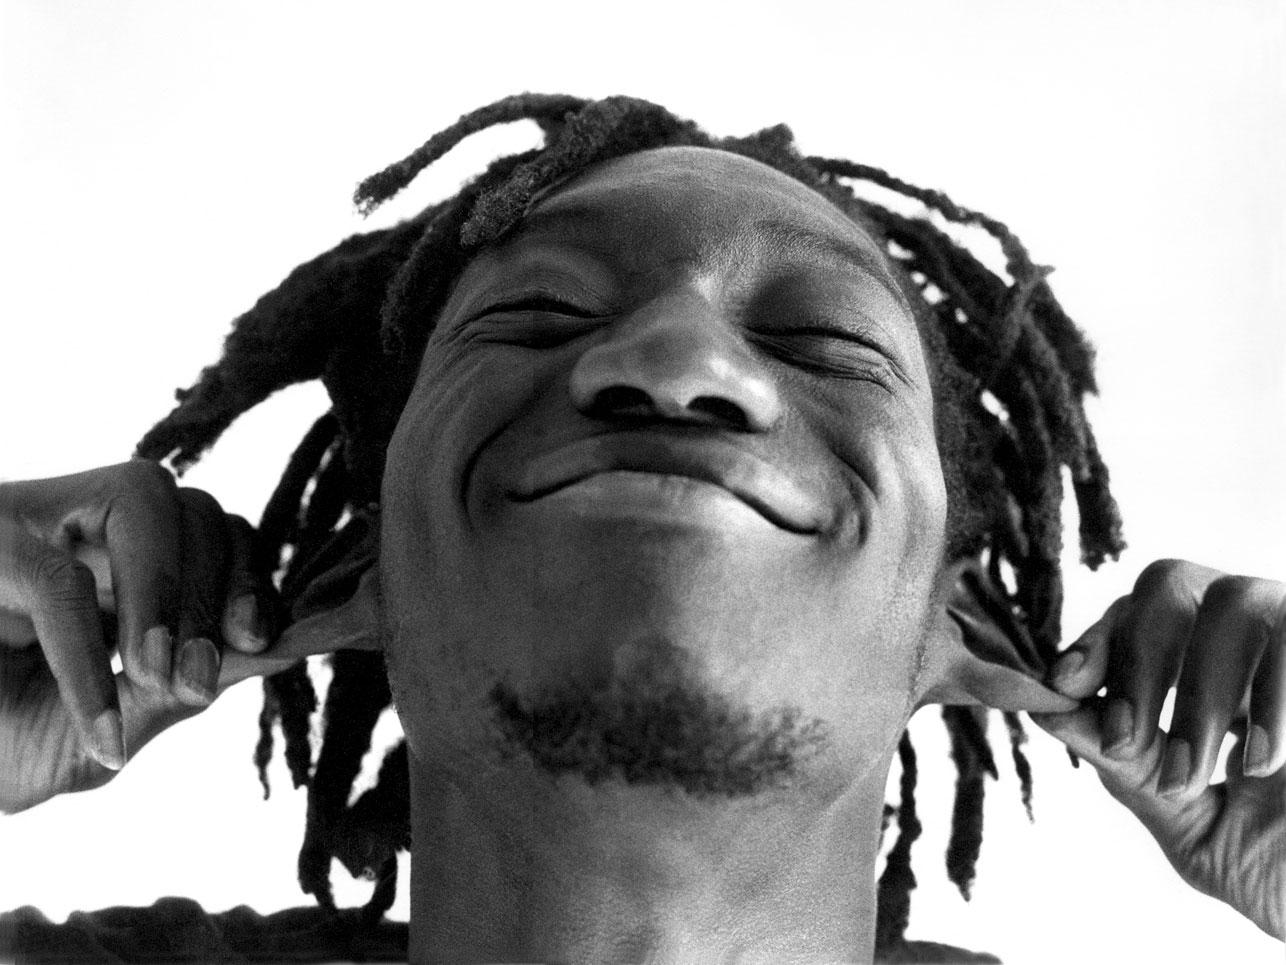 Portrait d'un homme noir aux rastas / Photographie noir et blanc en studio